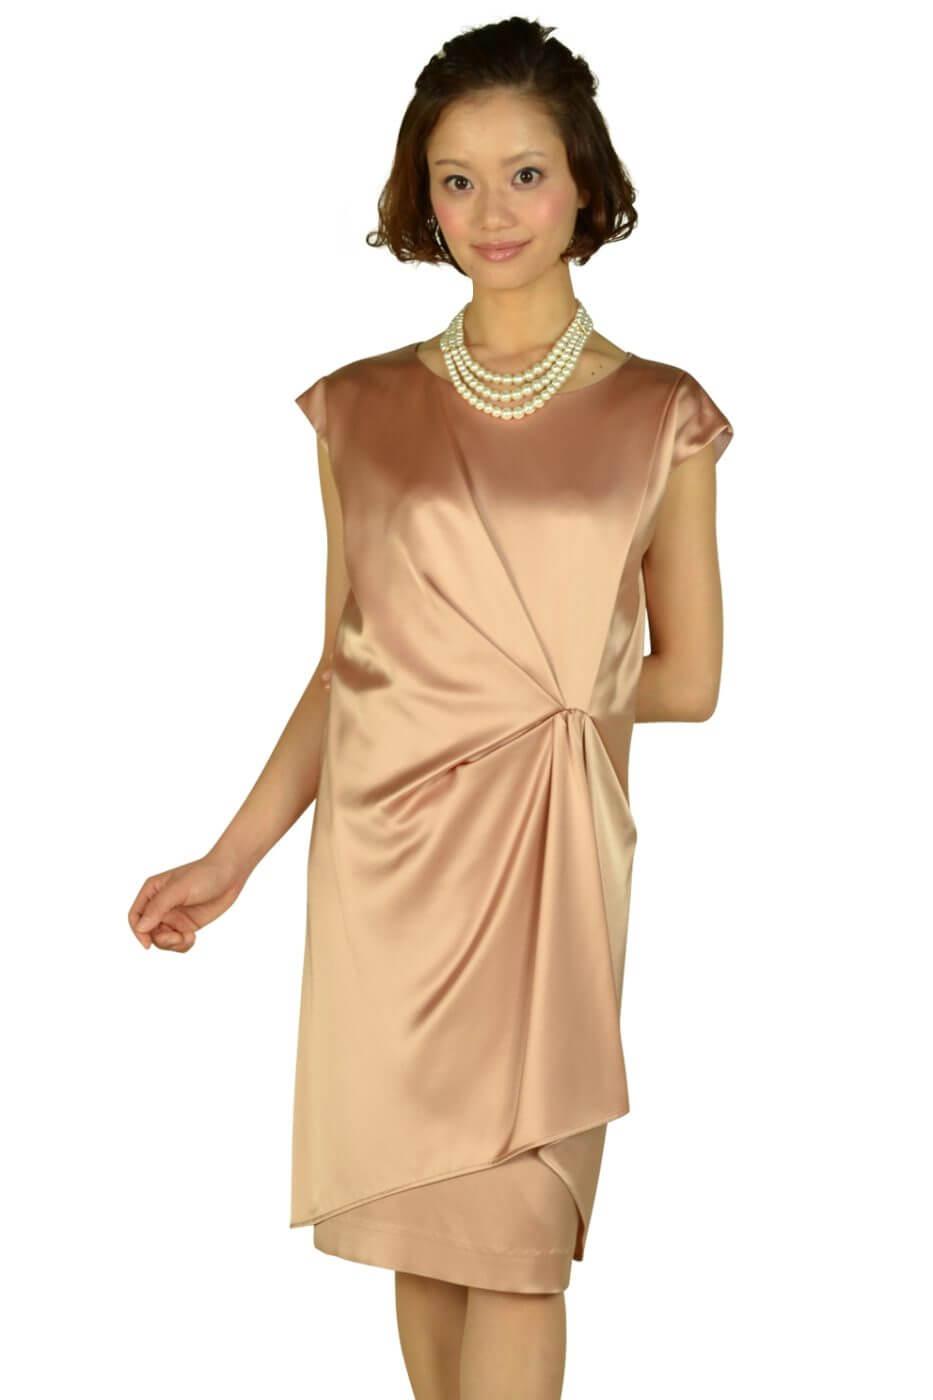 アンタイトル (UNTITLED)光沢ベージュオレンジミニ袖ドレス